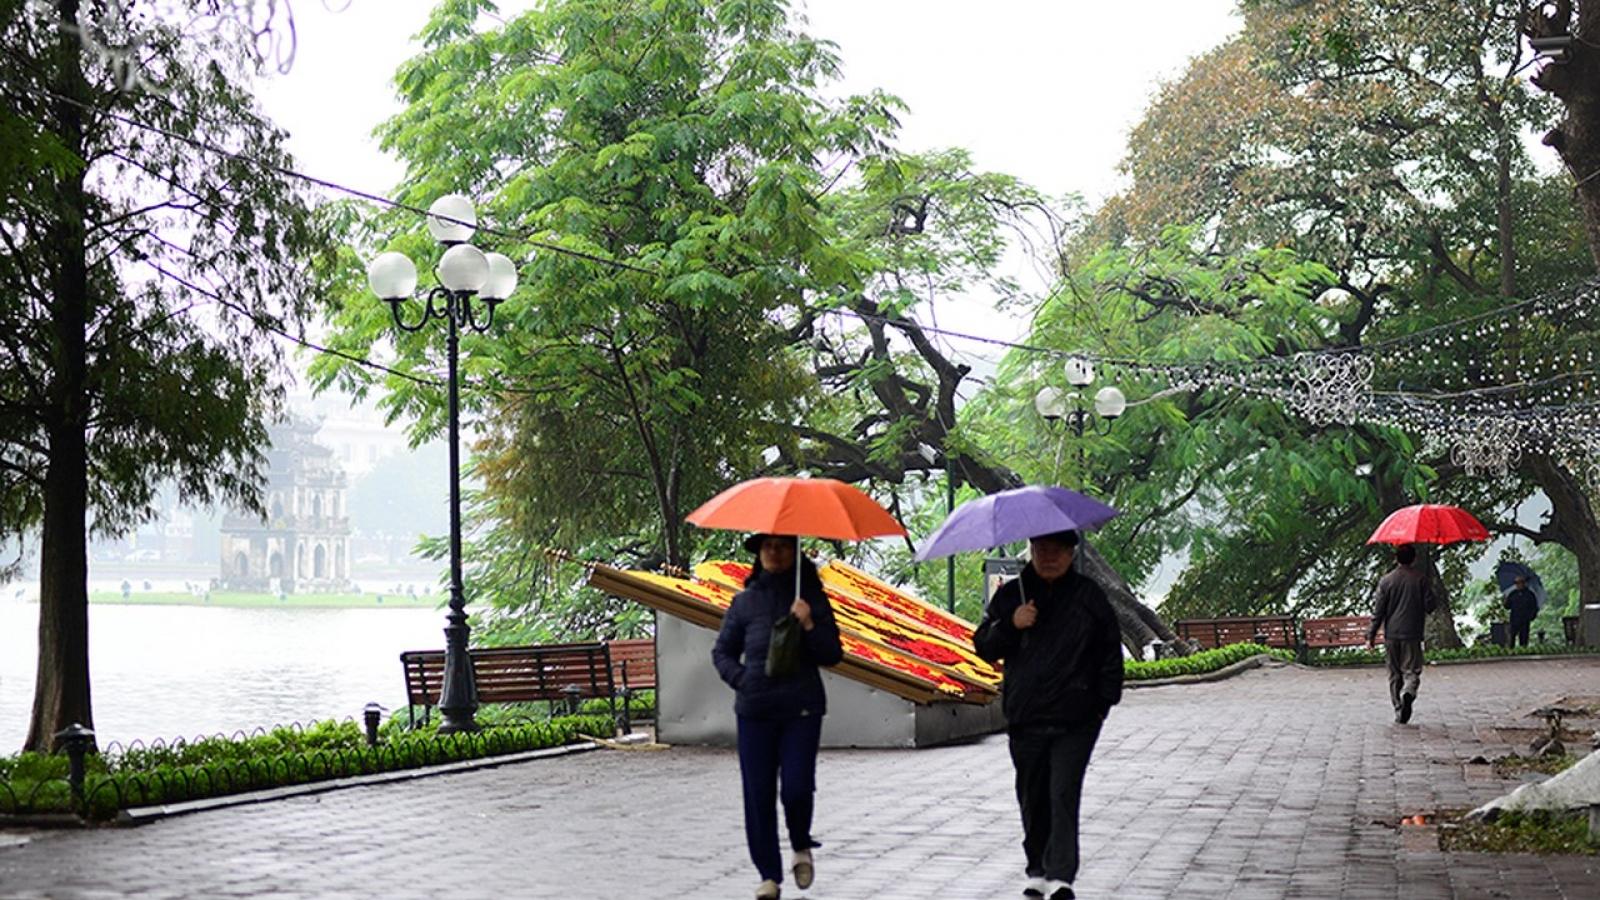 Dự báo thời tiết hôm nay (4/3): Miền Bắc mưa nhỏ, trời rét